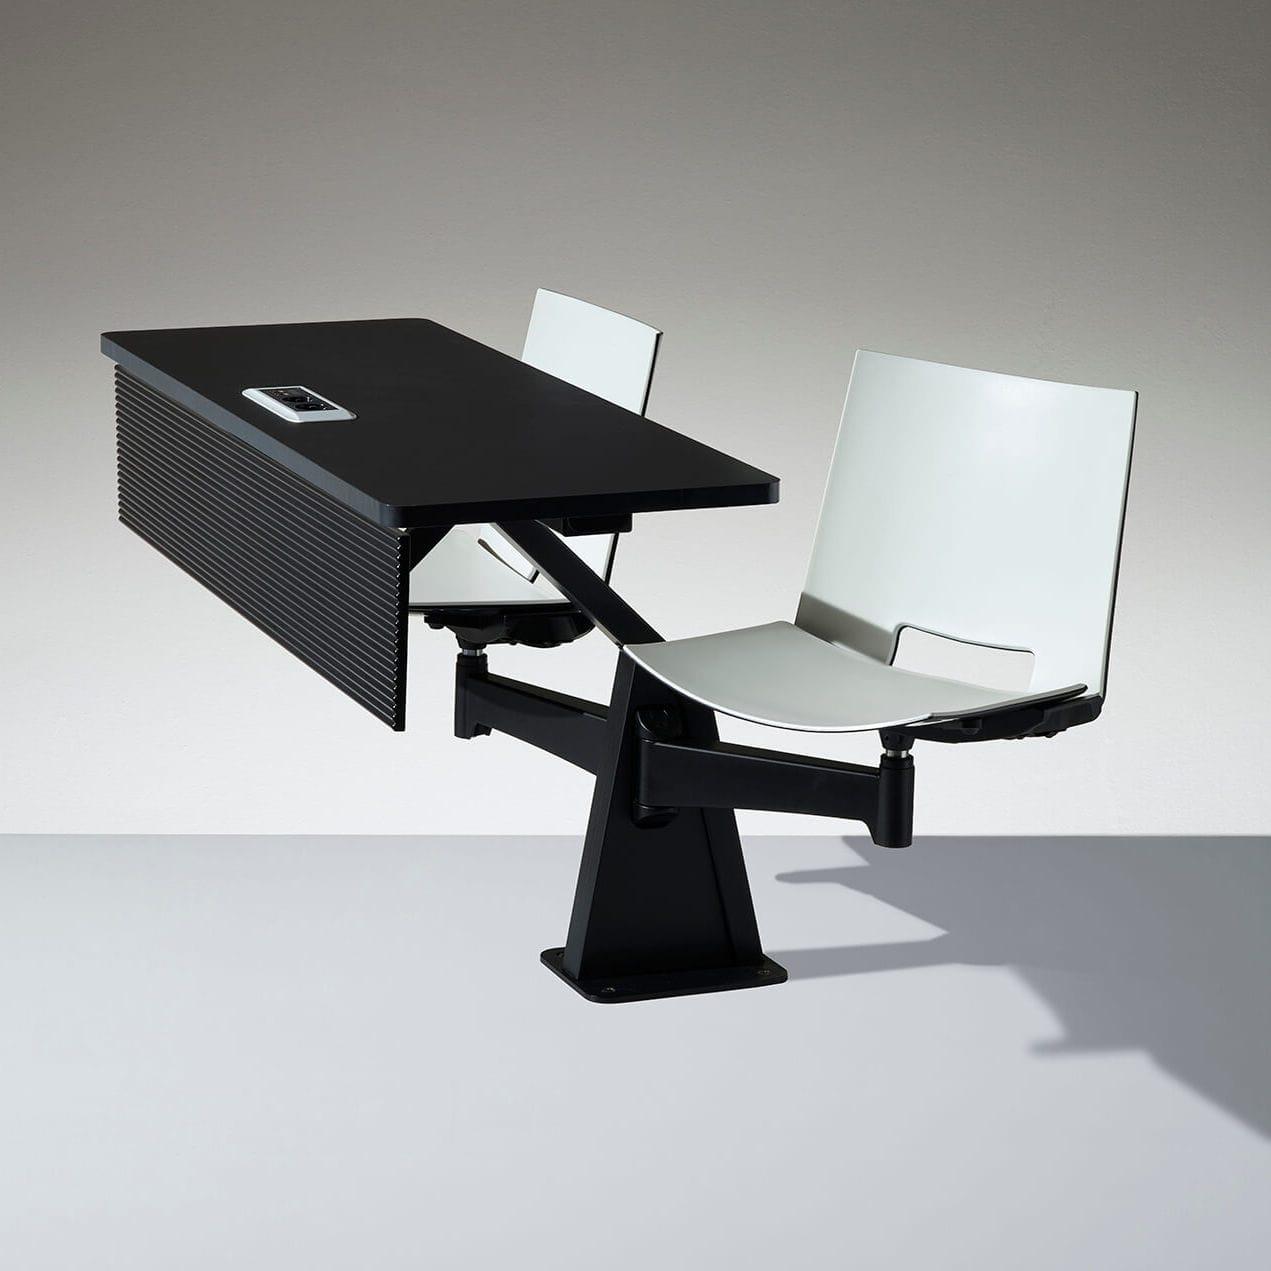 Tisch Modern stuhl mit integriertem tisch modern drehbar aluminium st12